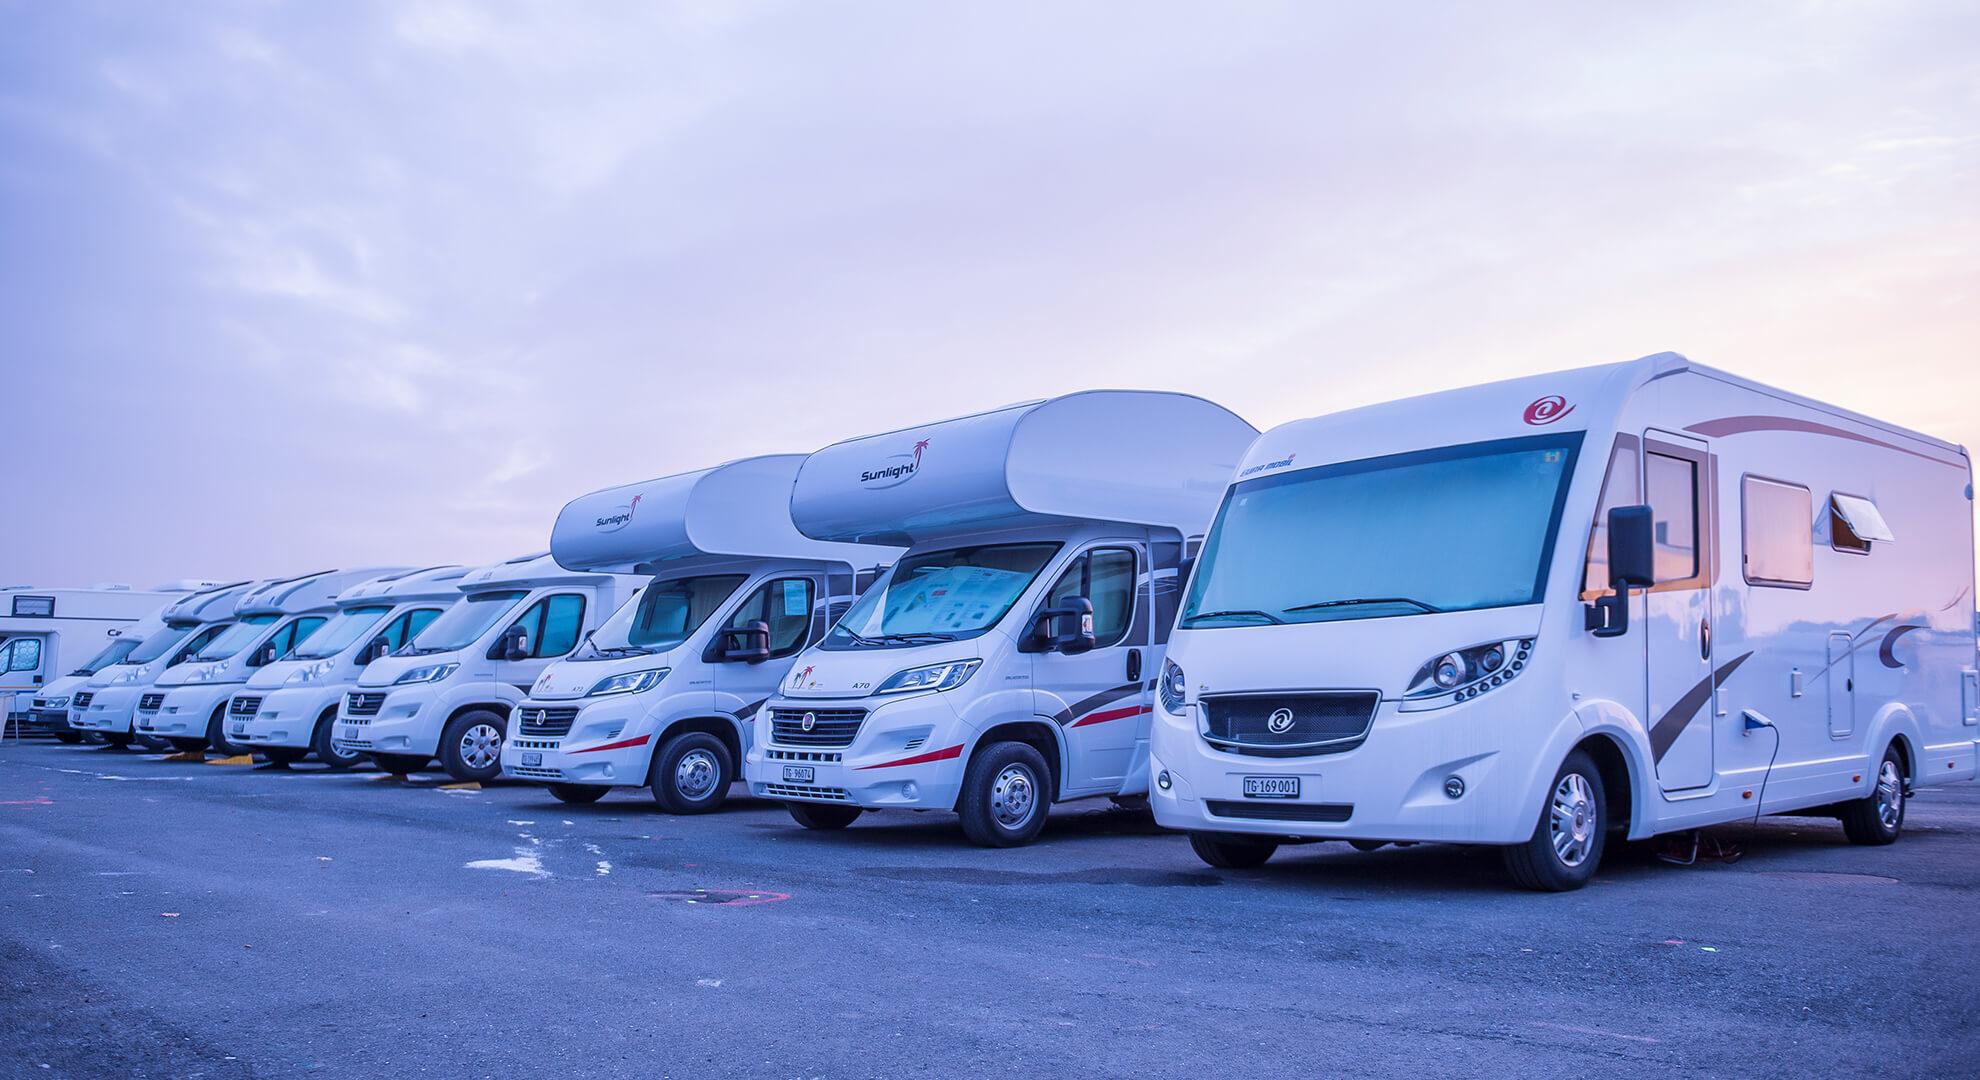 Suisse Caravan Salon Suisse Caravan Salon